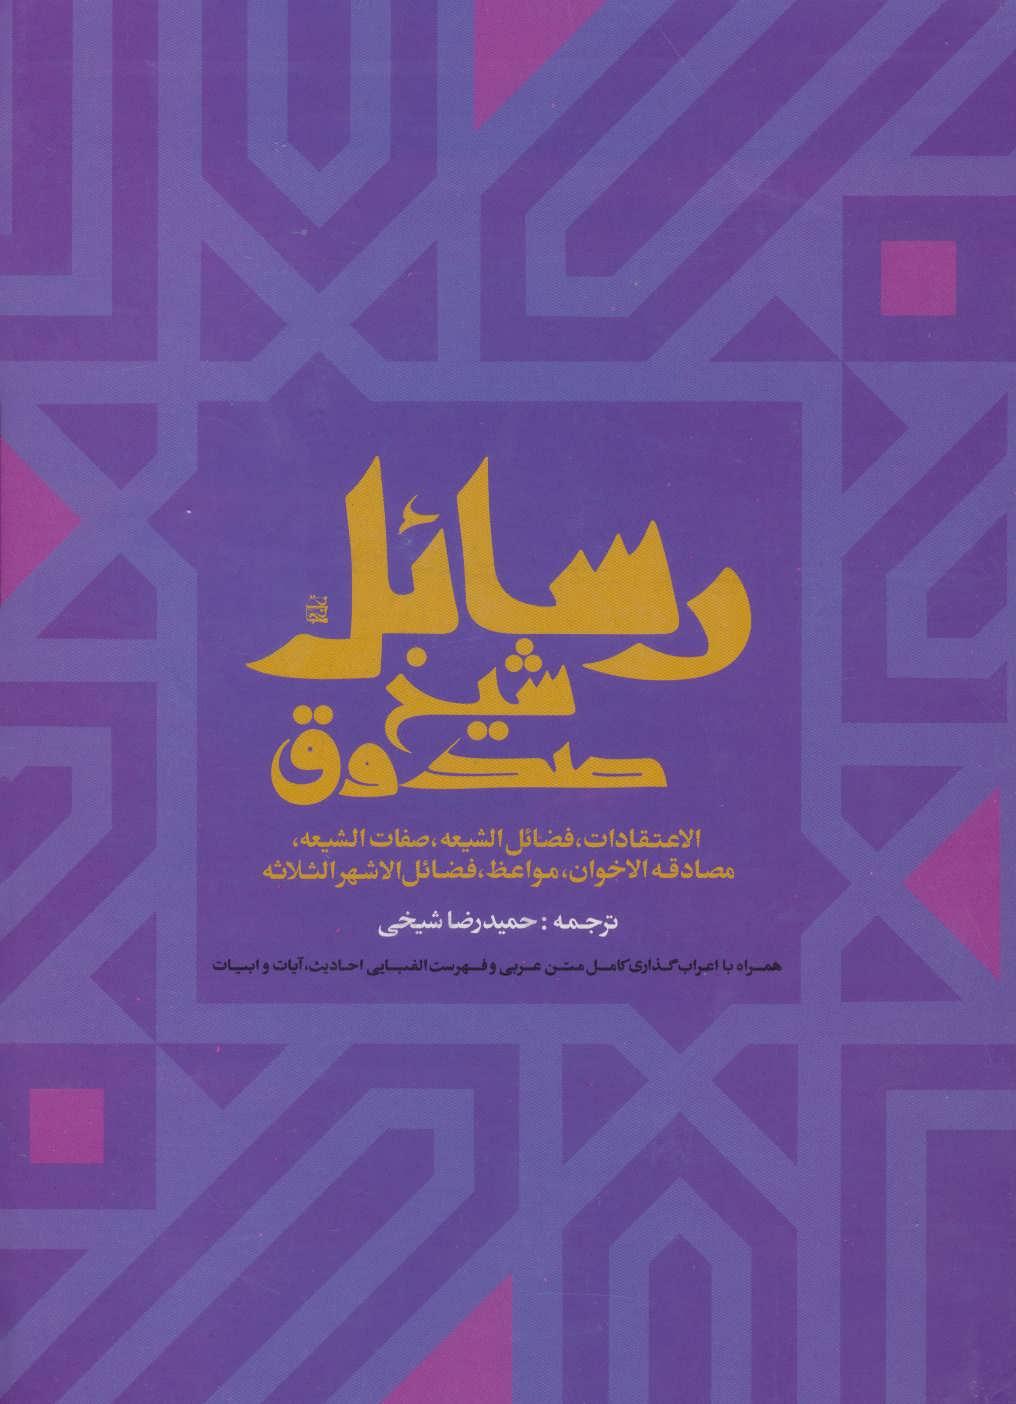 رسائل شیخ صدوق (الاعتقادات،فضائل الشیعه،صفات الشیعه،مصادقه الاخوان،مواعظ،فضائل الاشهرالثلاثه)